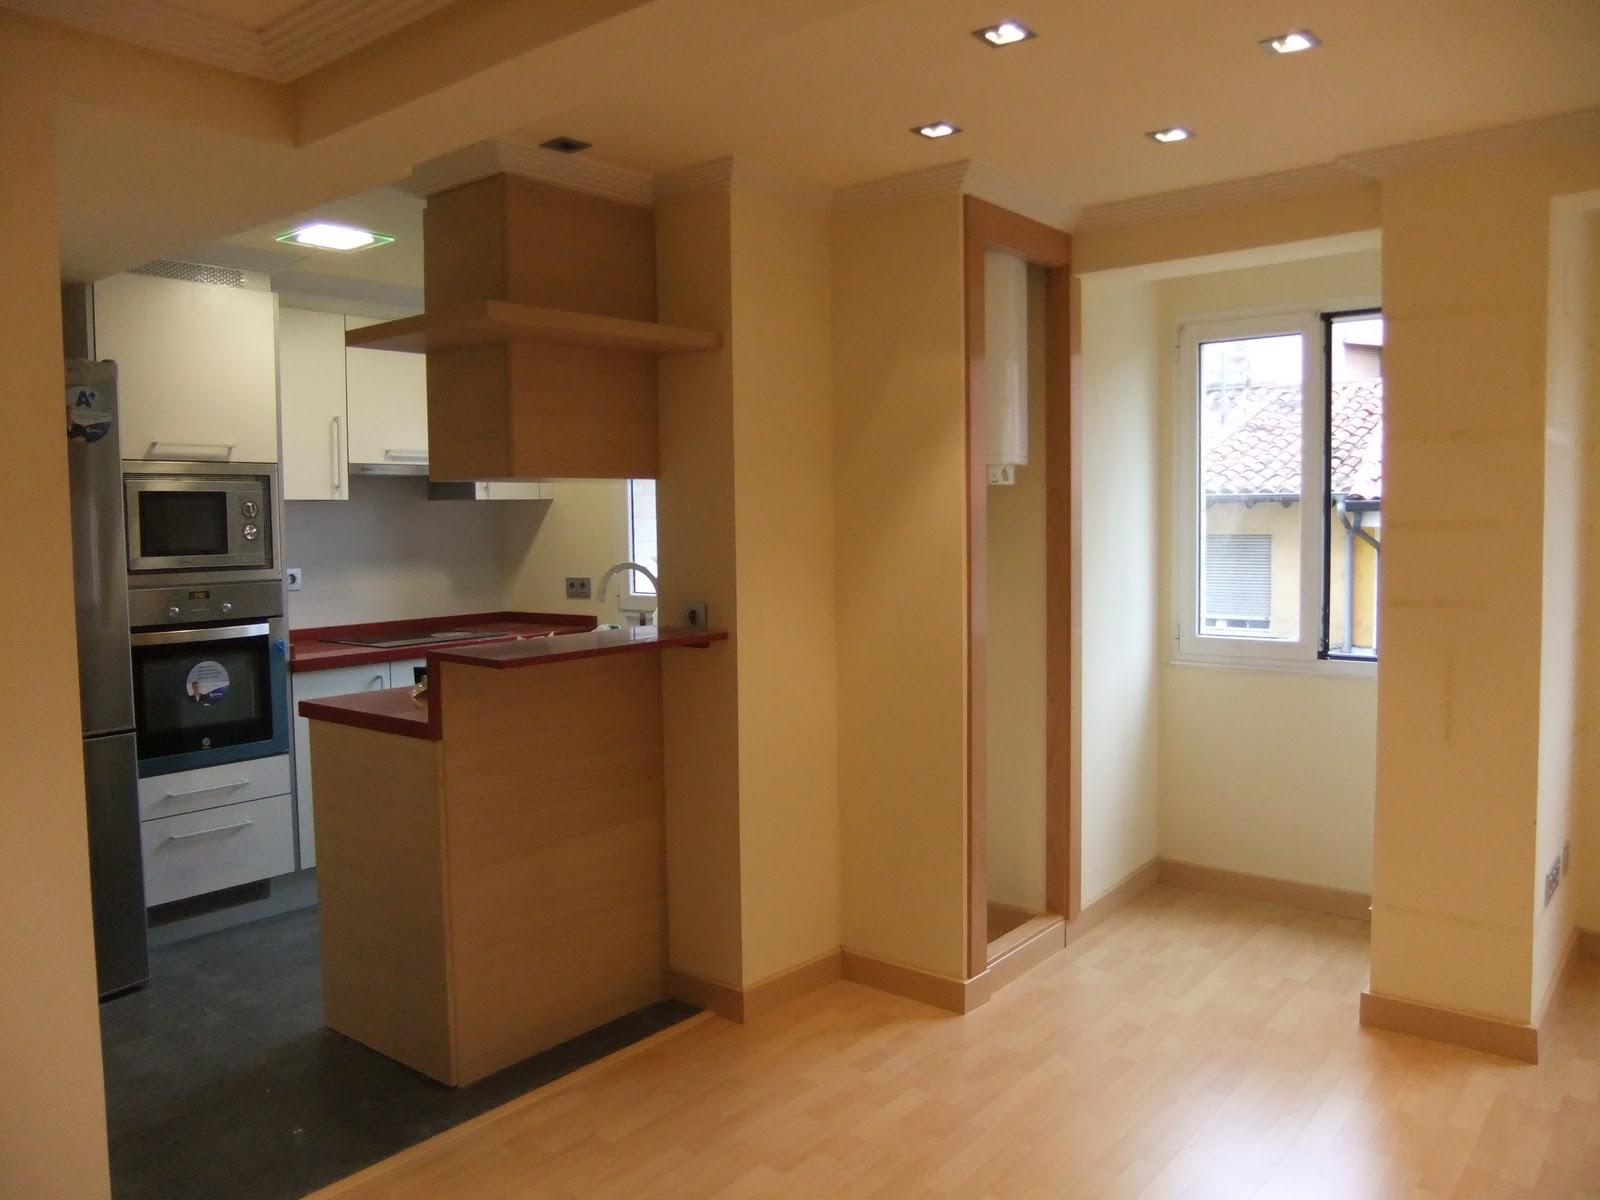 Interiorismo y decoracion lola torga peque o apartamento - Decoracion cocina pequena apartamento ...